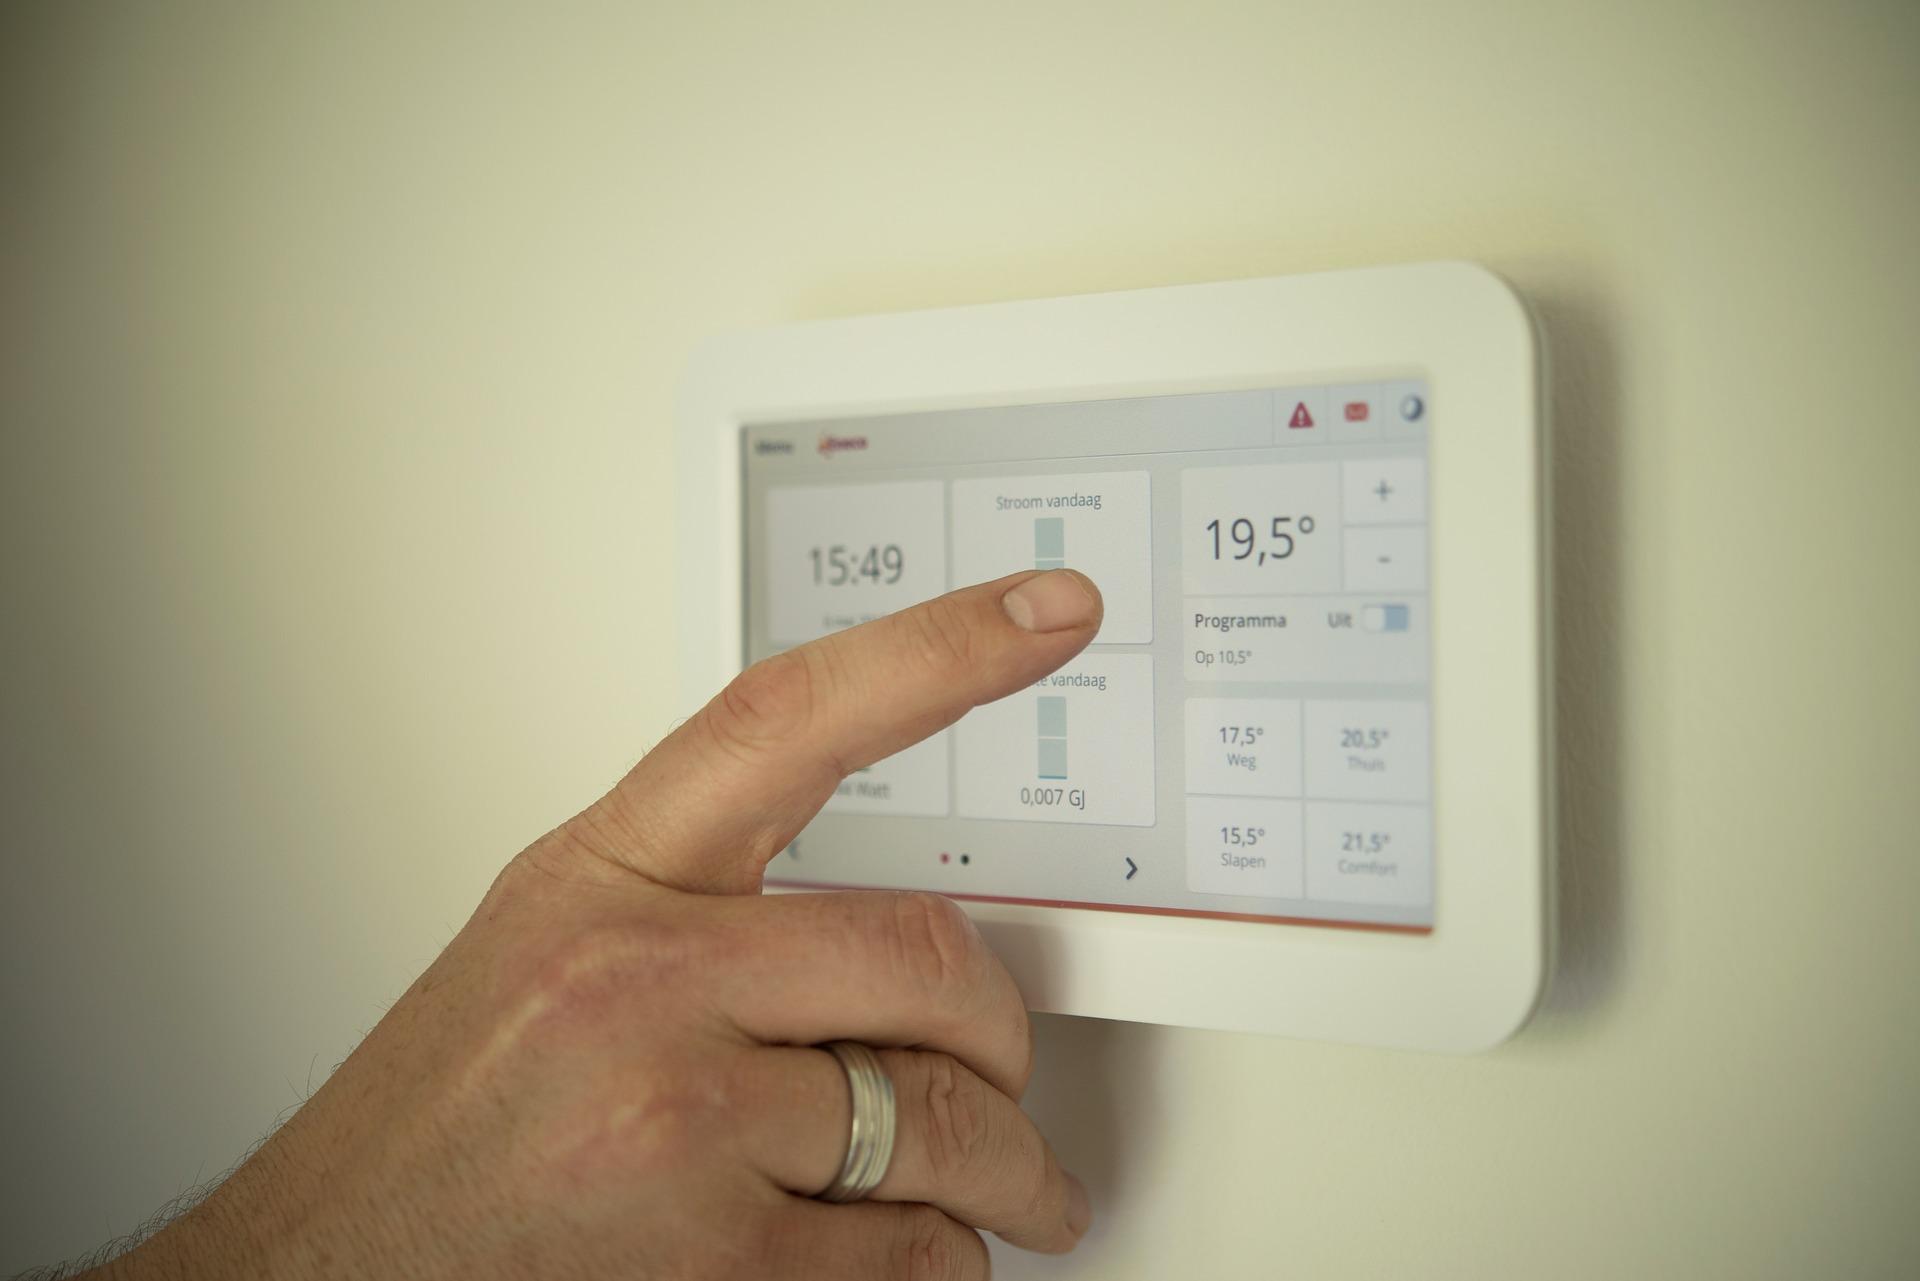 duurzame investeringen in huis om energie te besparen